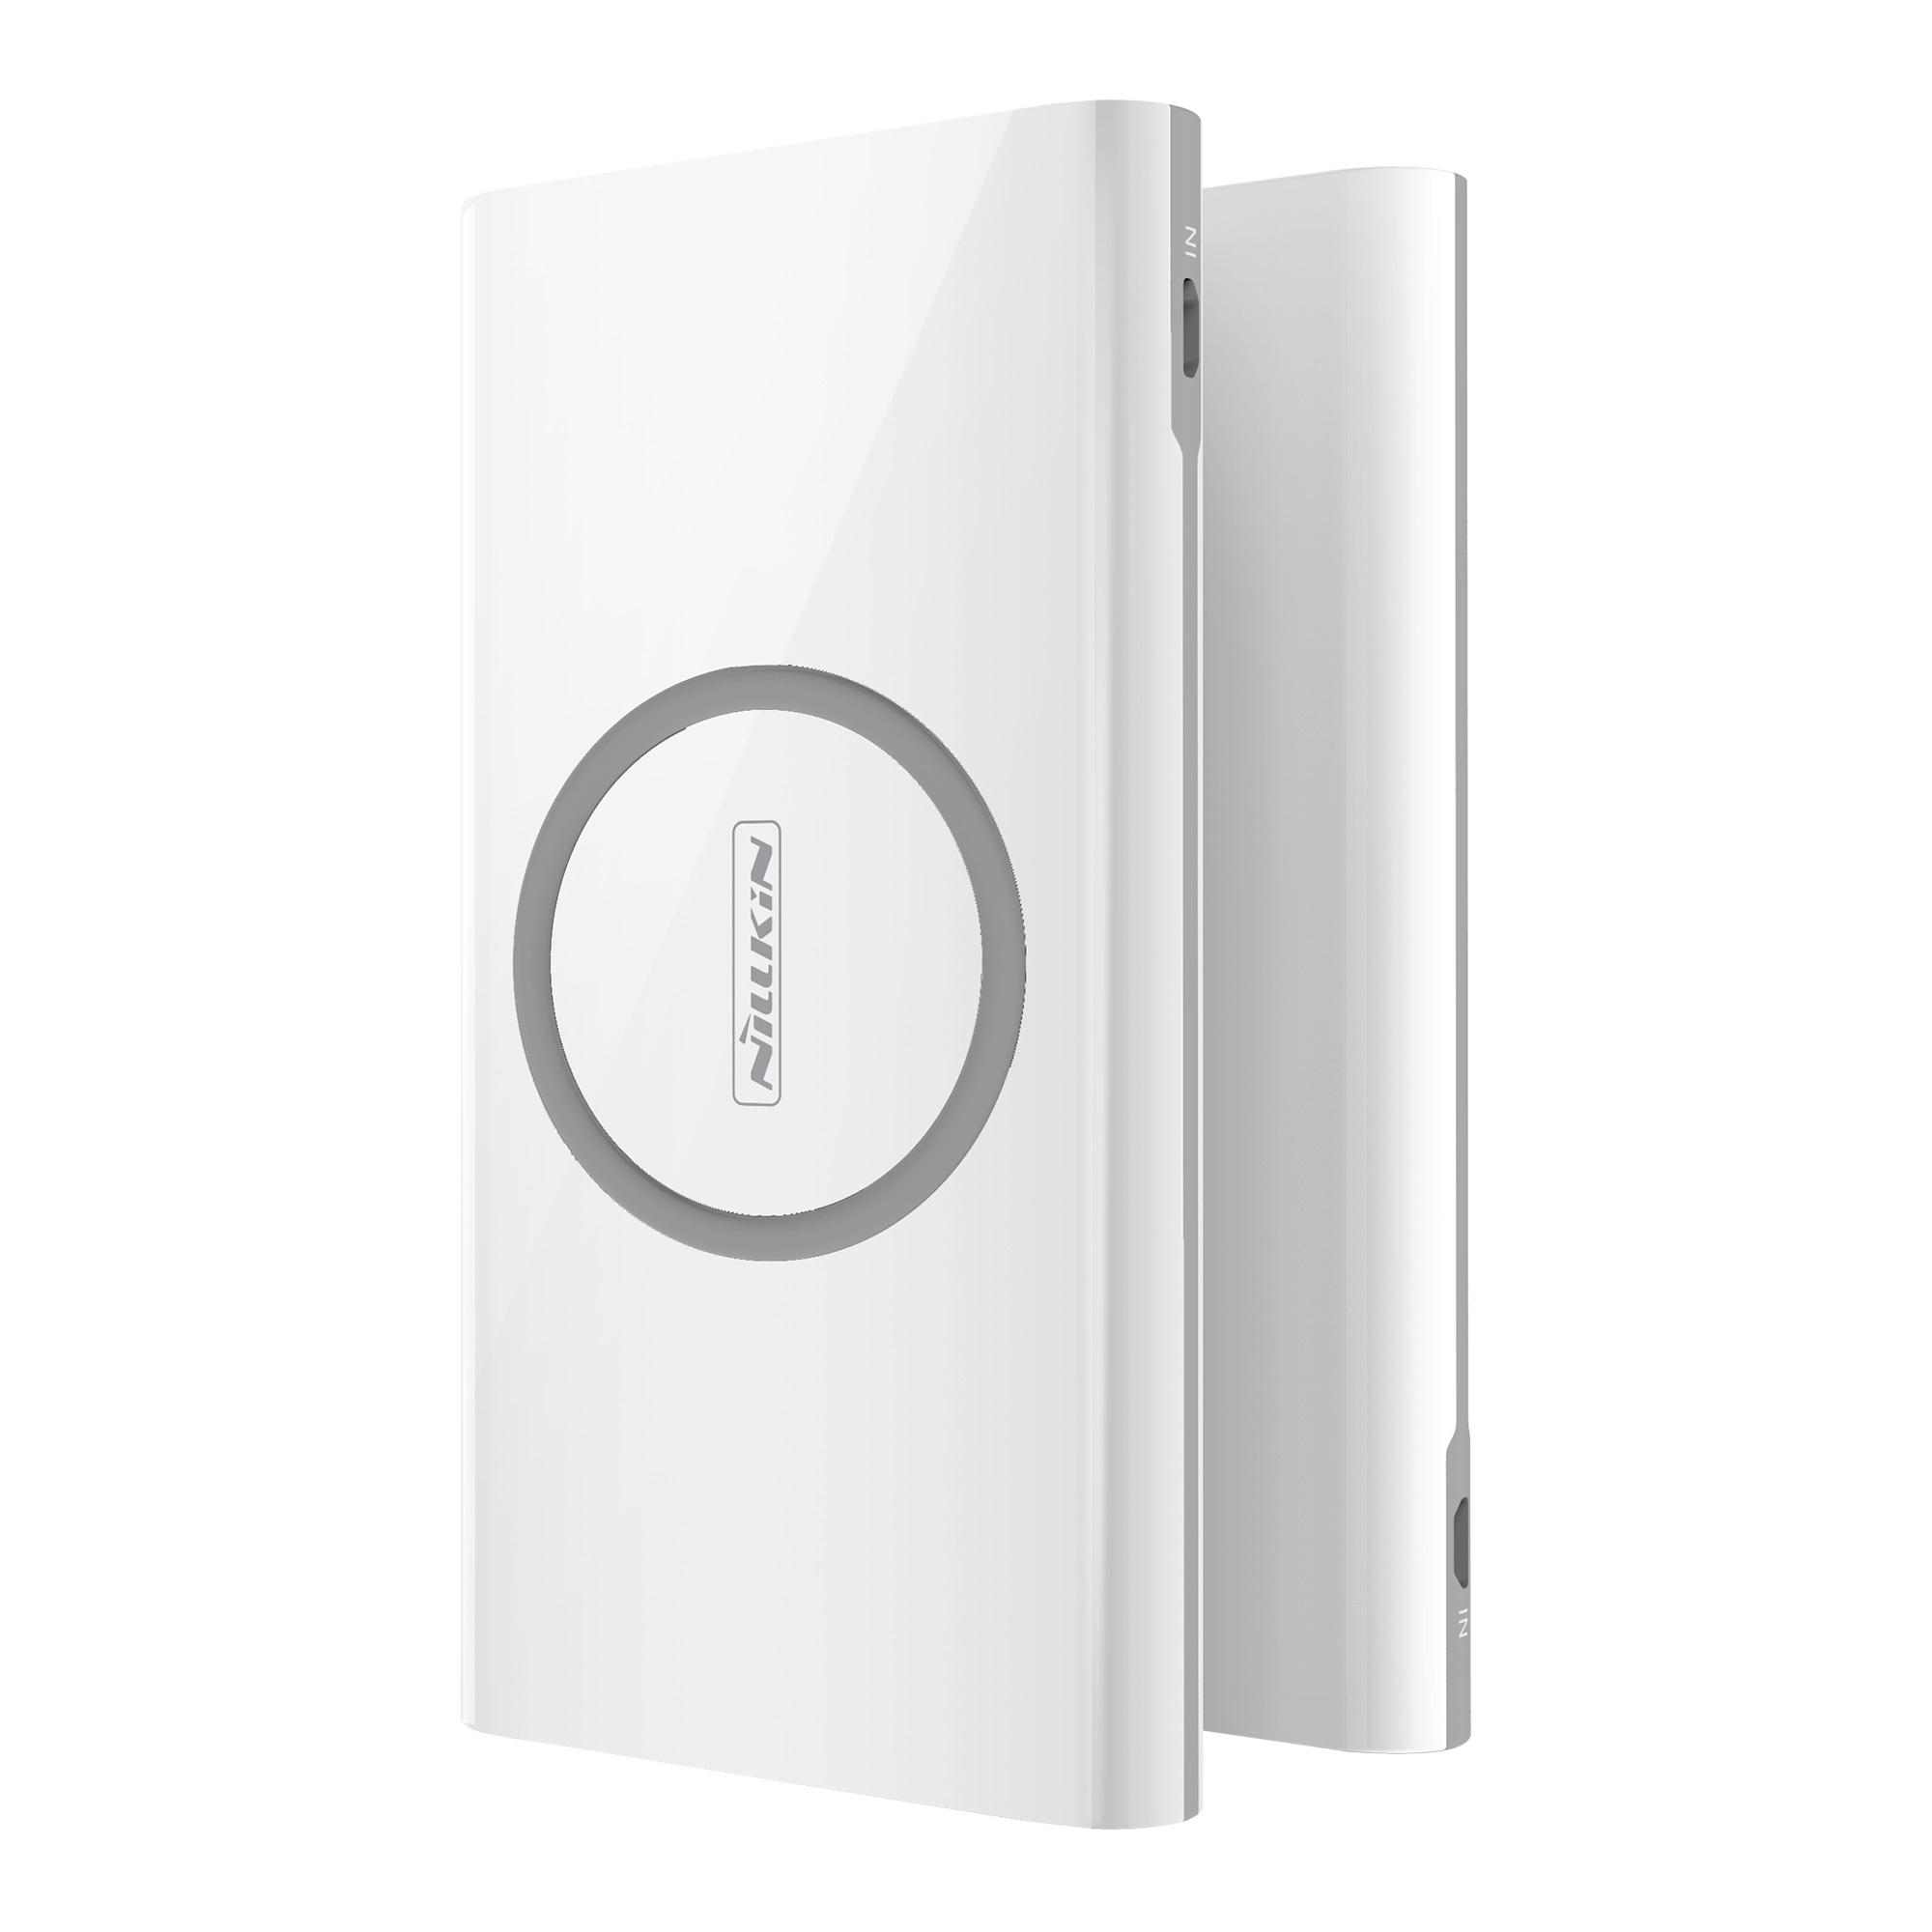 Samsung Galaxy Note 9 Беспроводная зарядка Nillkin iStar со встроенным аккумулятором 10 000 mAh 星耀无线充电宝白底图_03.jpg